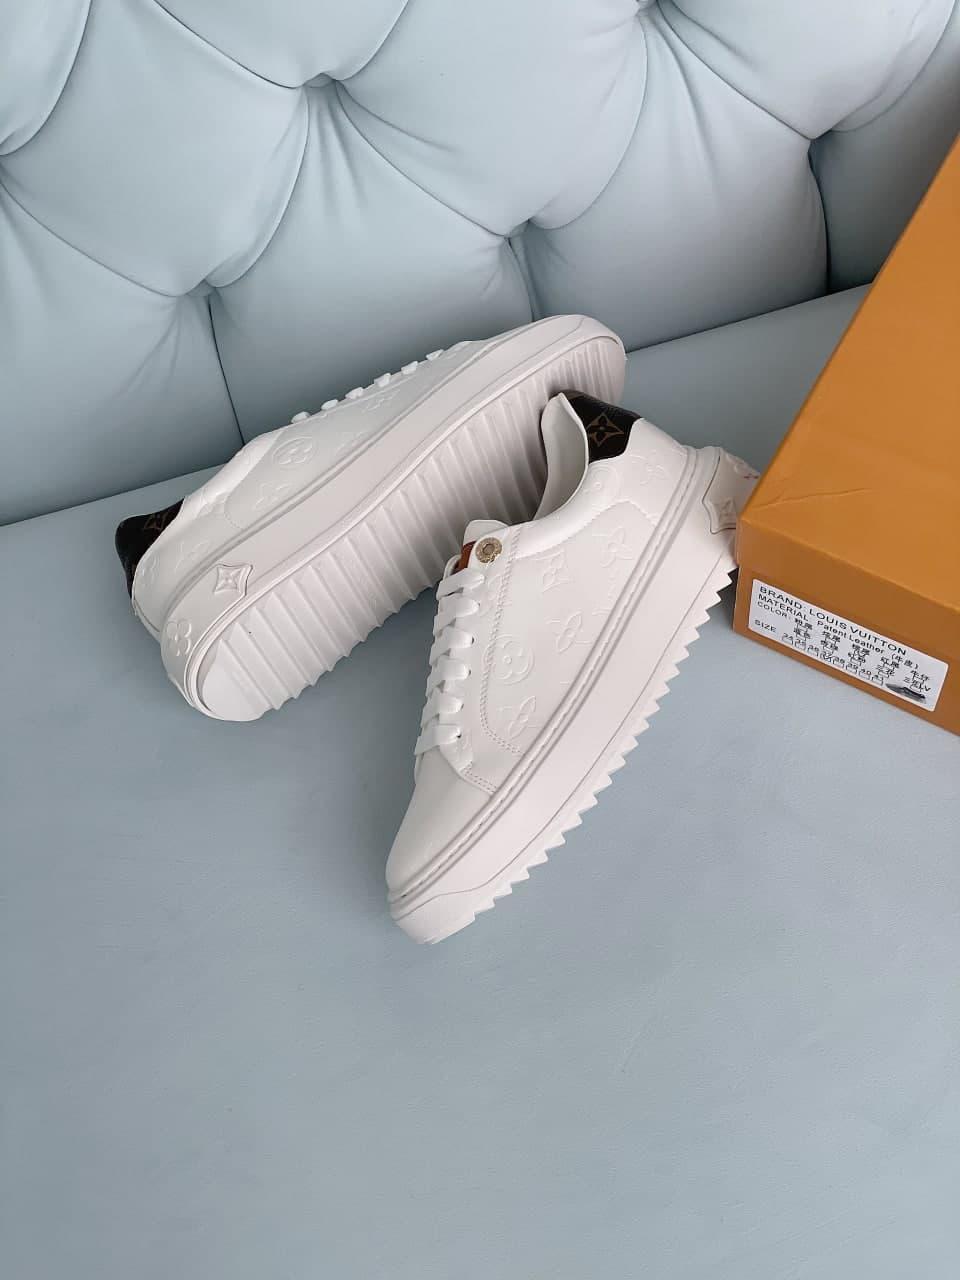 Жіночі кросівки Time out Louis Vuitton escale (білий) легка зручна взуття J3093